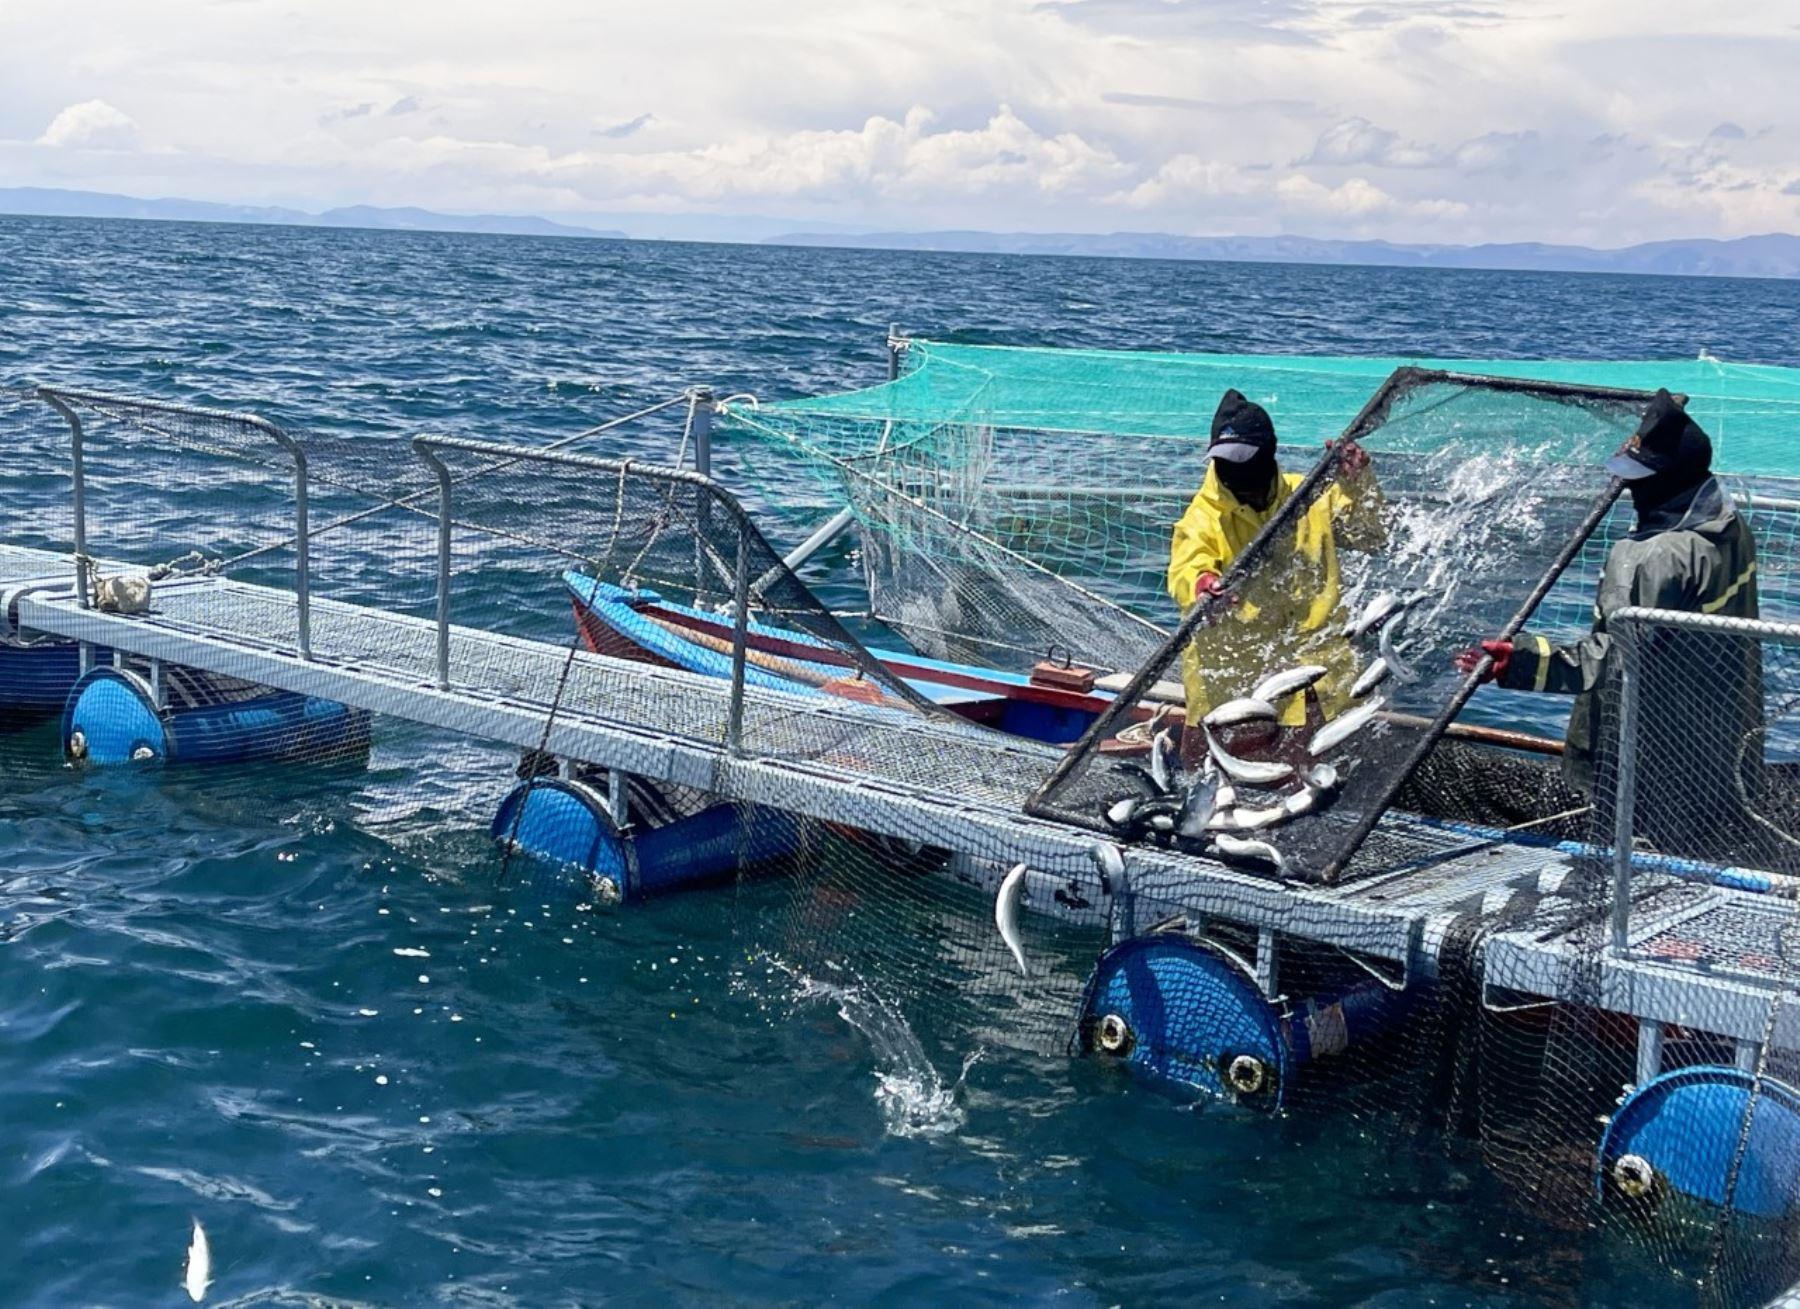 Puno: Sanipes otorgó habilitación sanitaria a 40 centros acuícolas productores de truchas